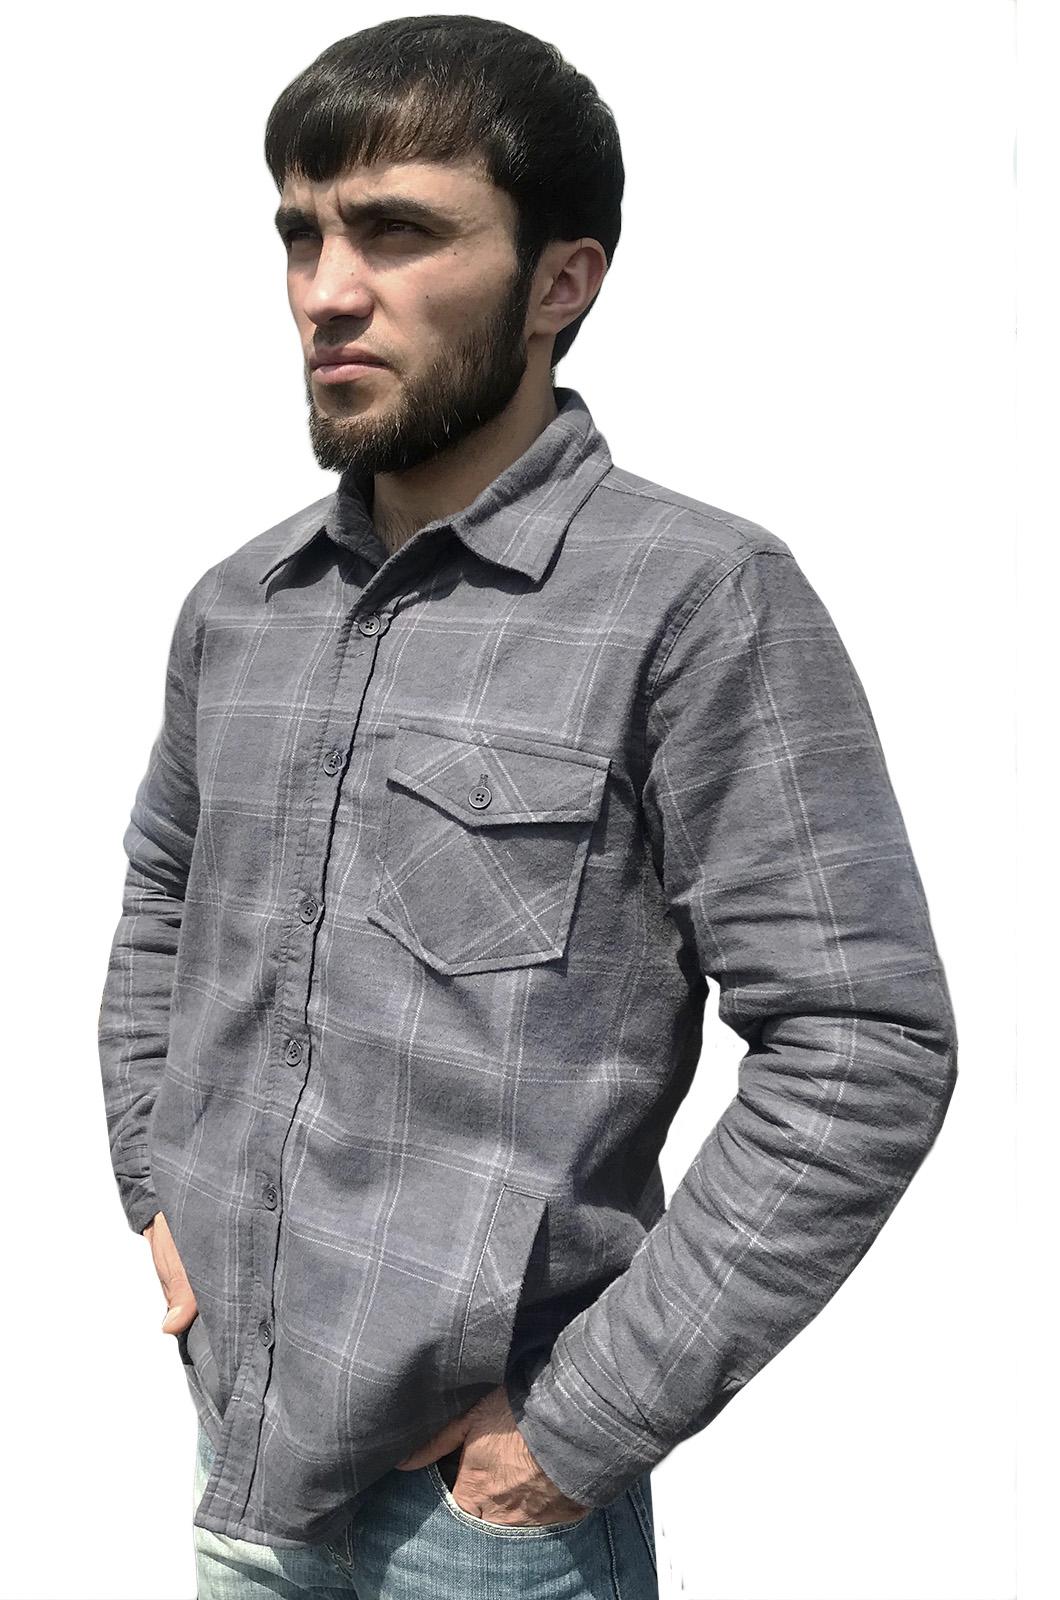 Серая рубашка с нашивкой  ГРУ 12 бригада СпН купить выгодно